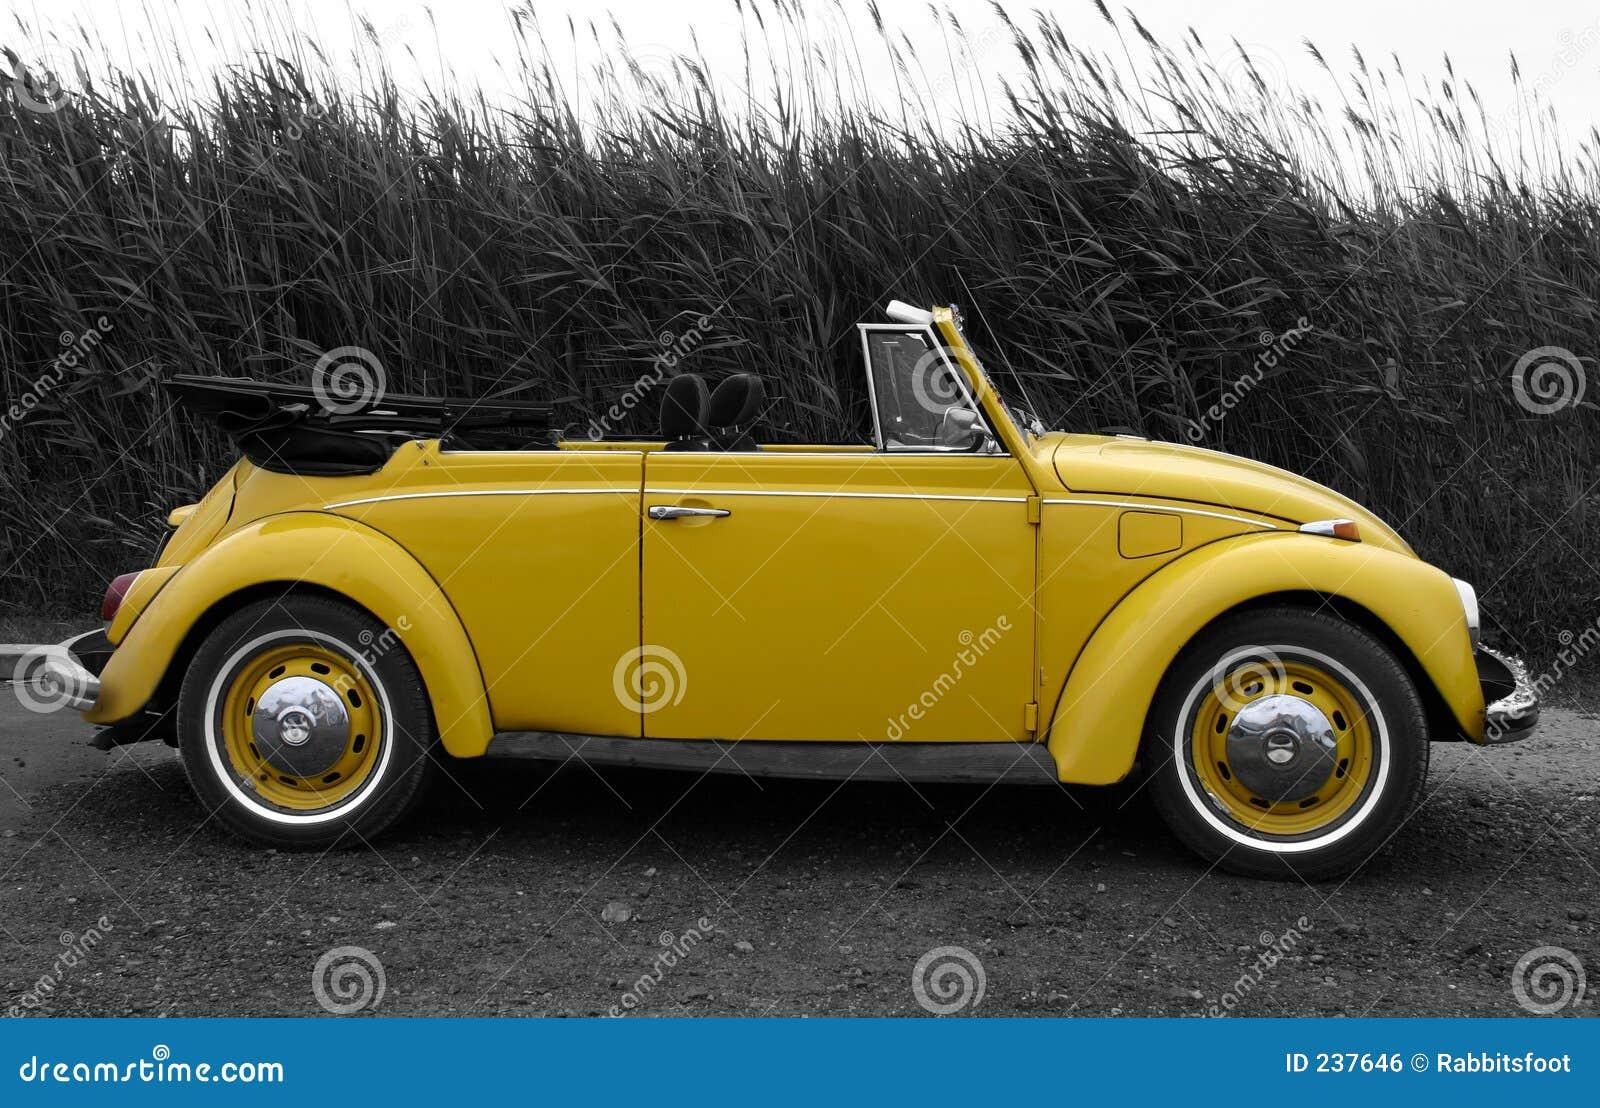 VW jaune